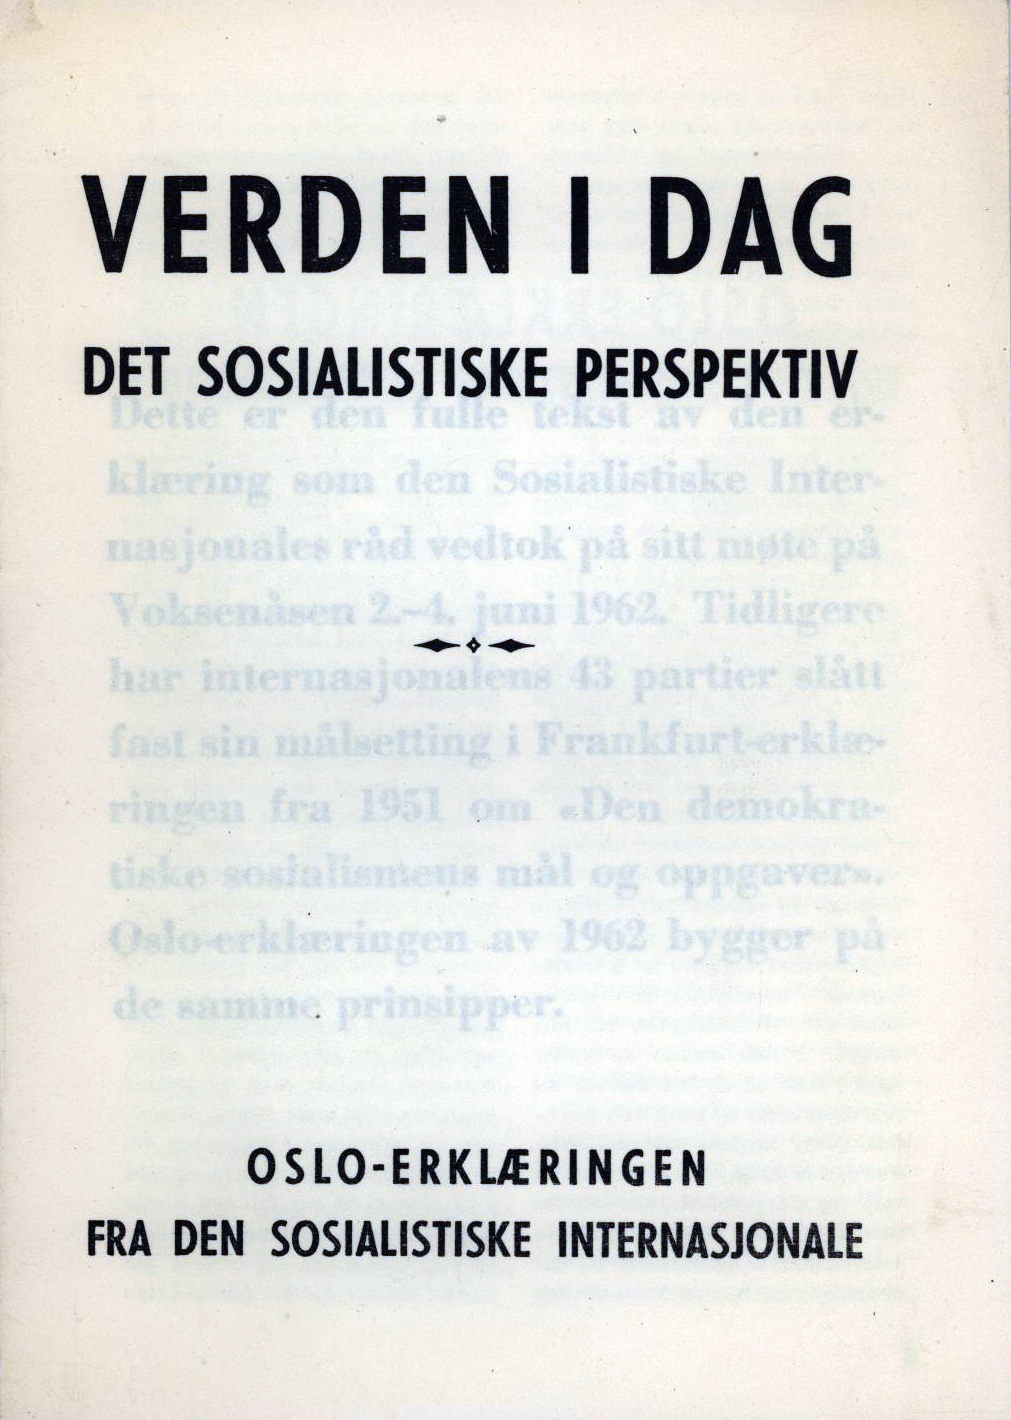 Verden i dag - Det sosialistiske perspektiv - Oslo-erklæringen fra Den sosialistiske internasjonale